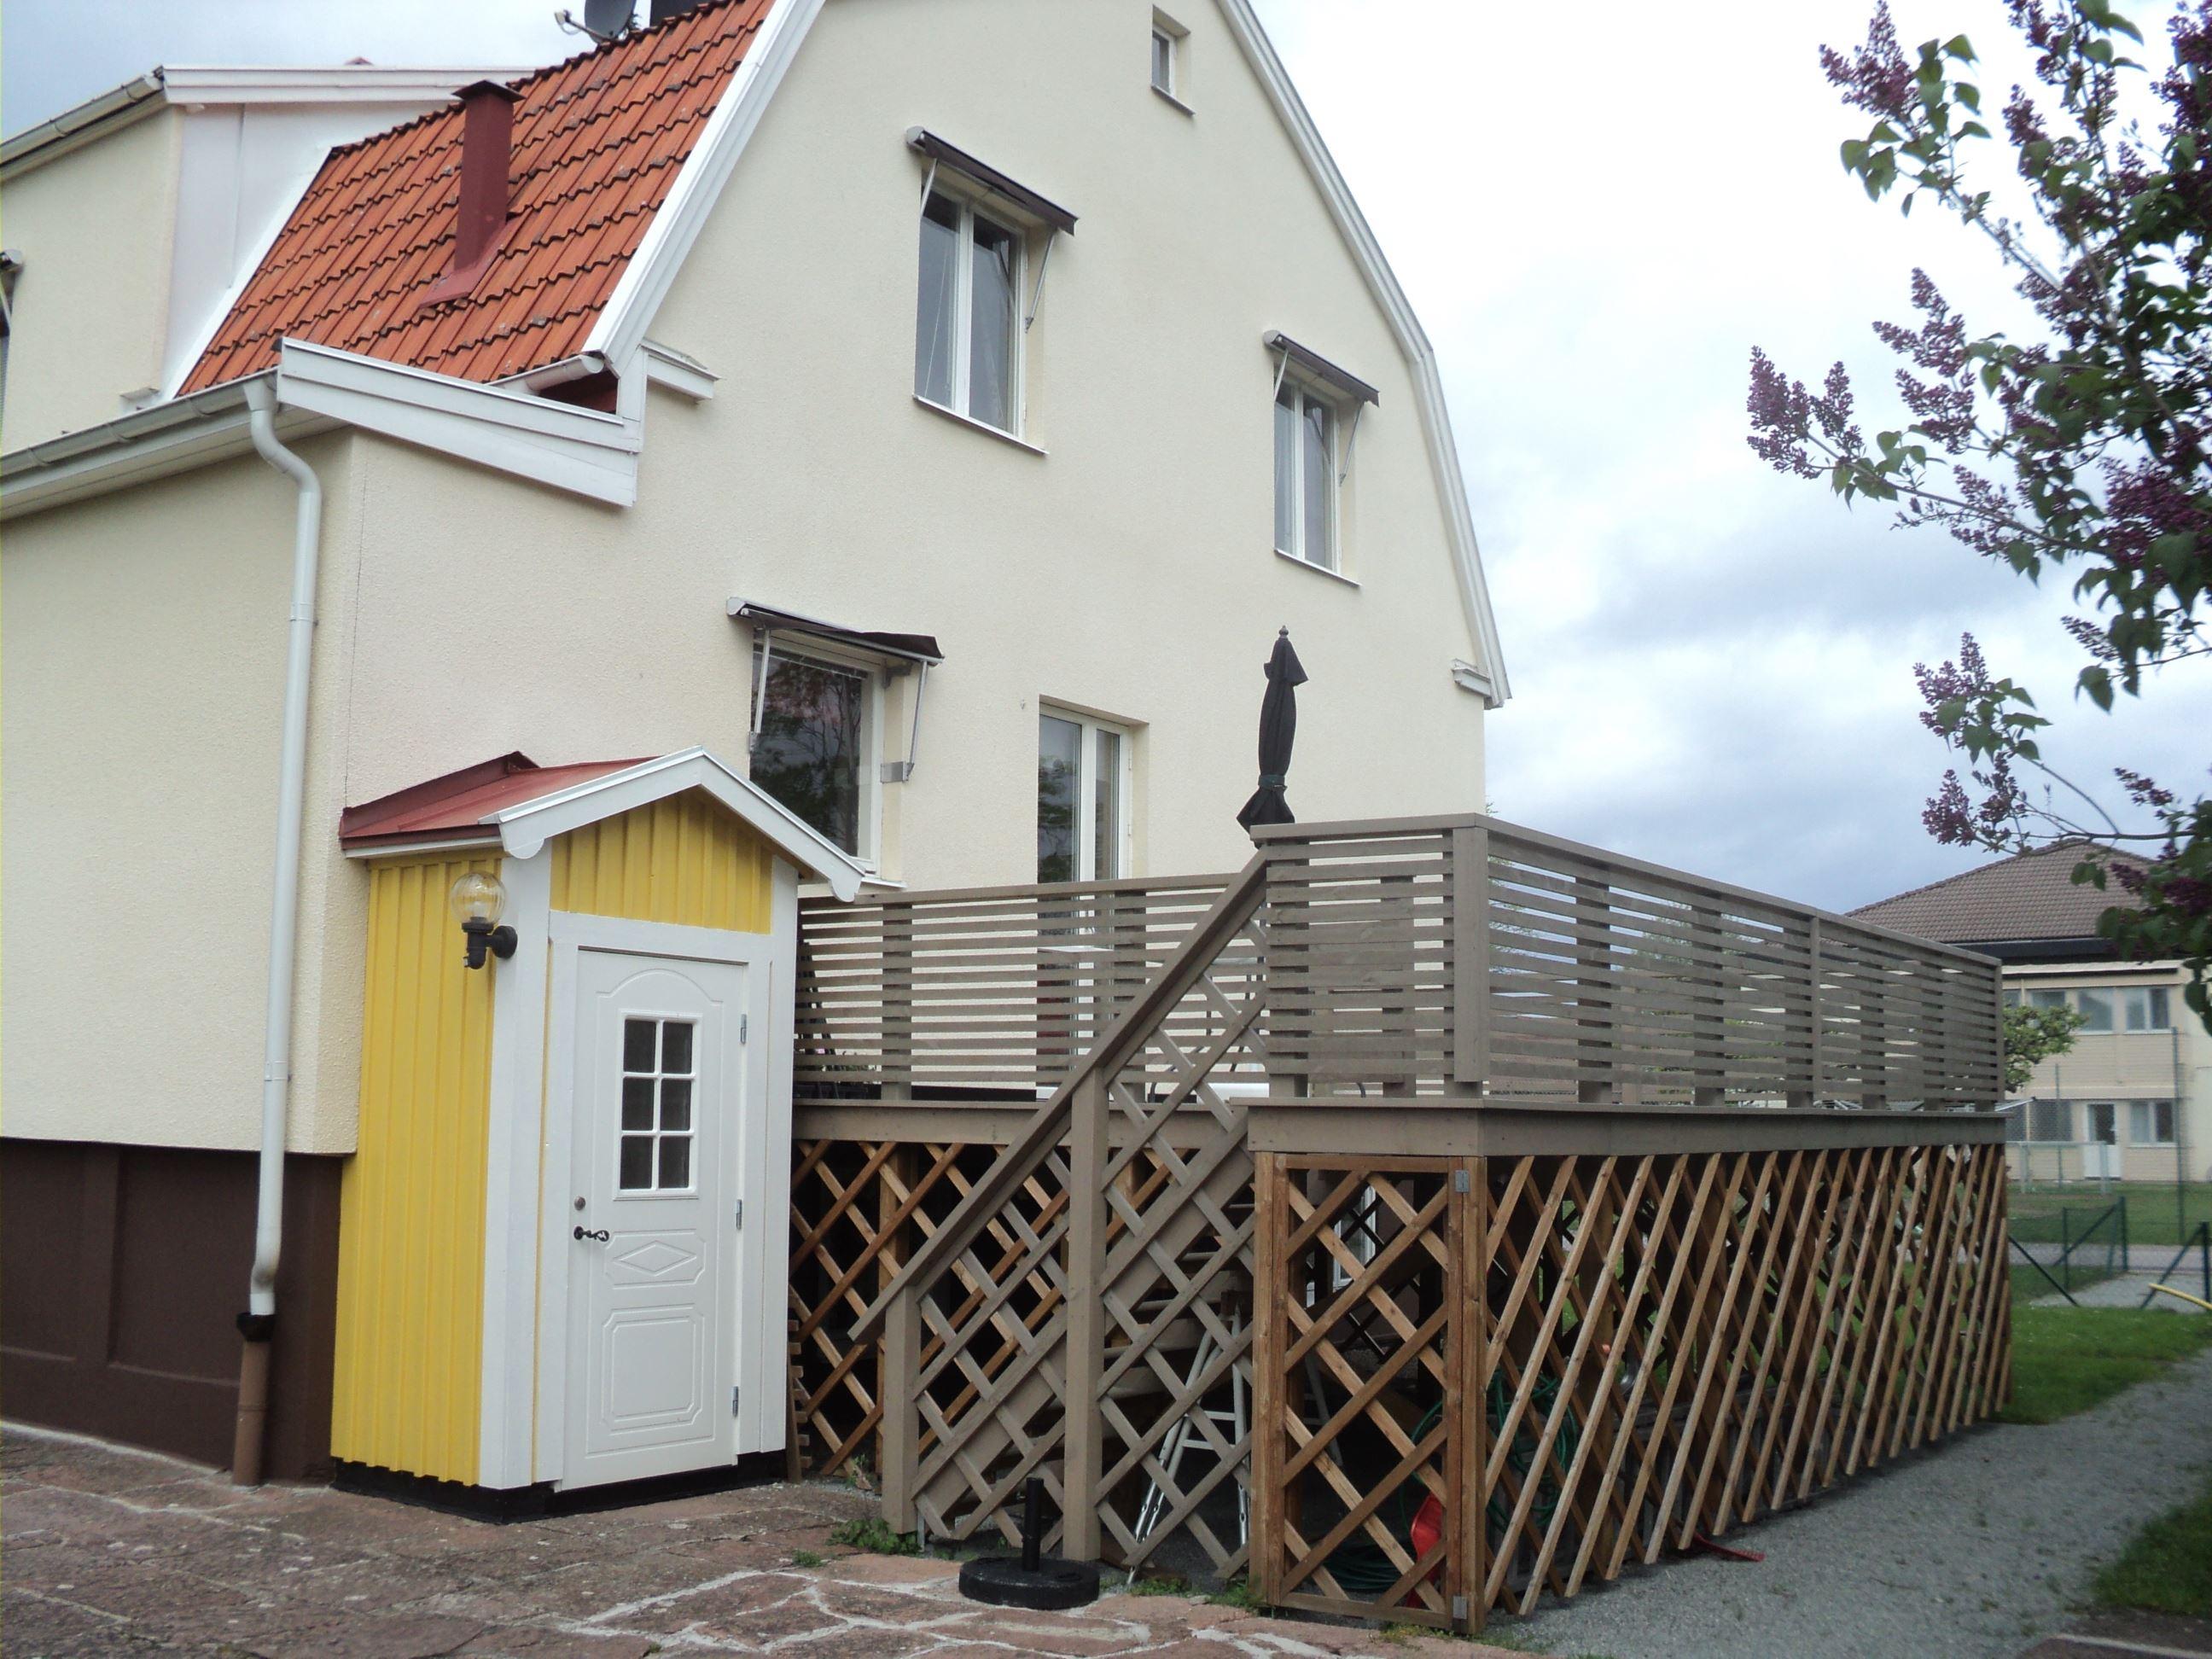 O152000 Borgholm Haustiere erlaubt, max. 1 Hund.